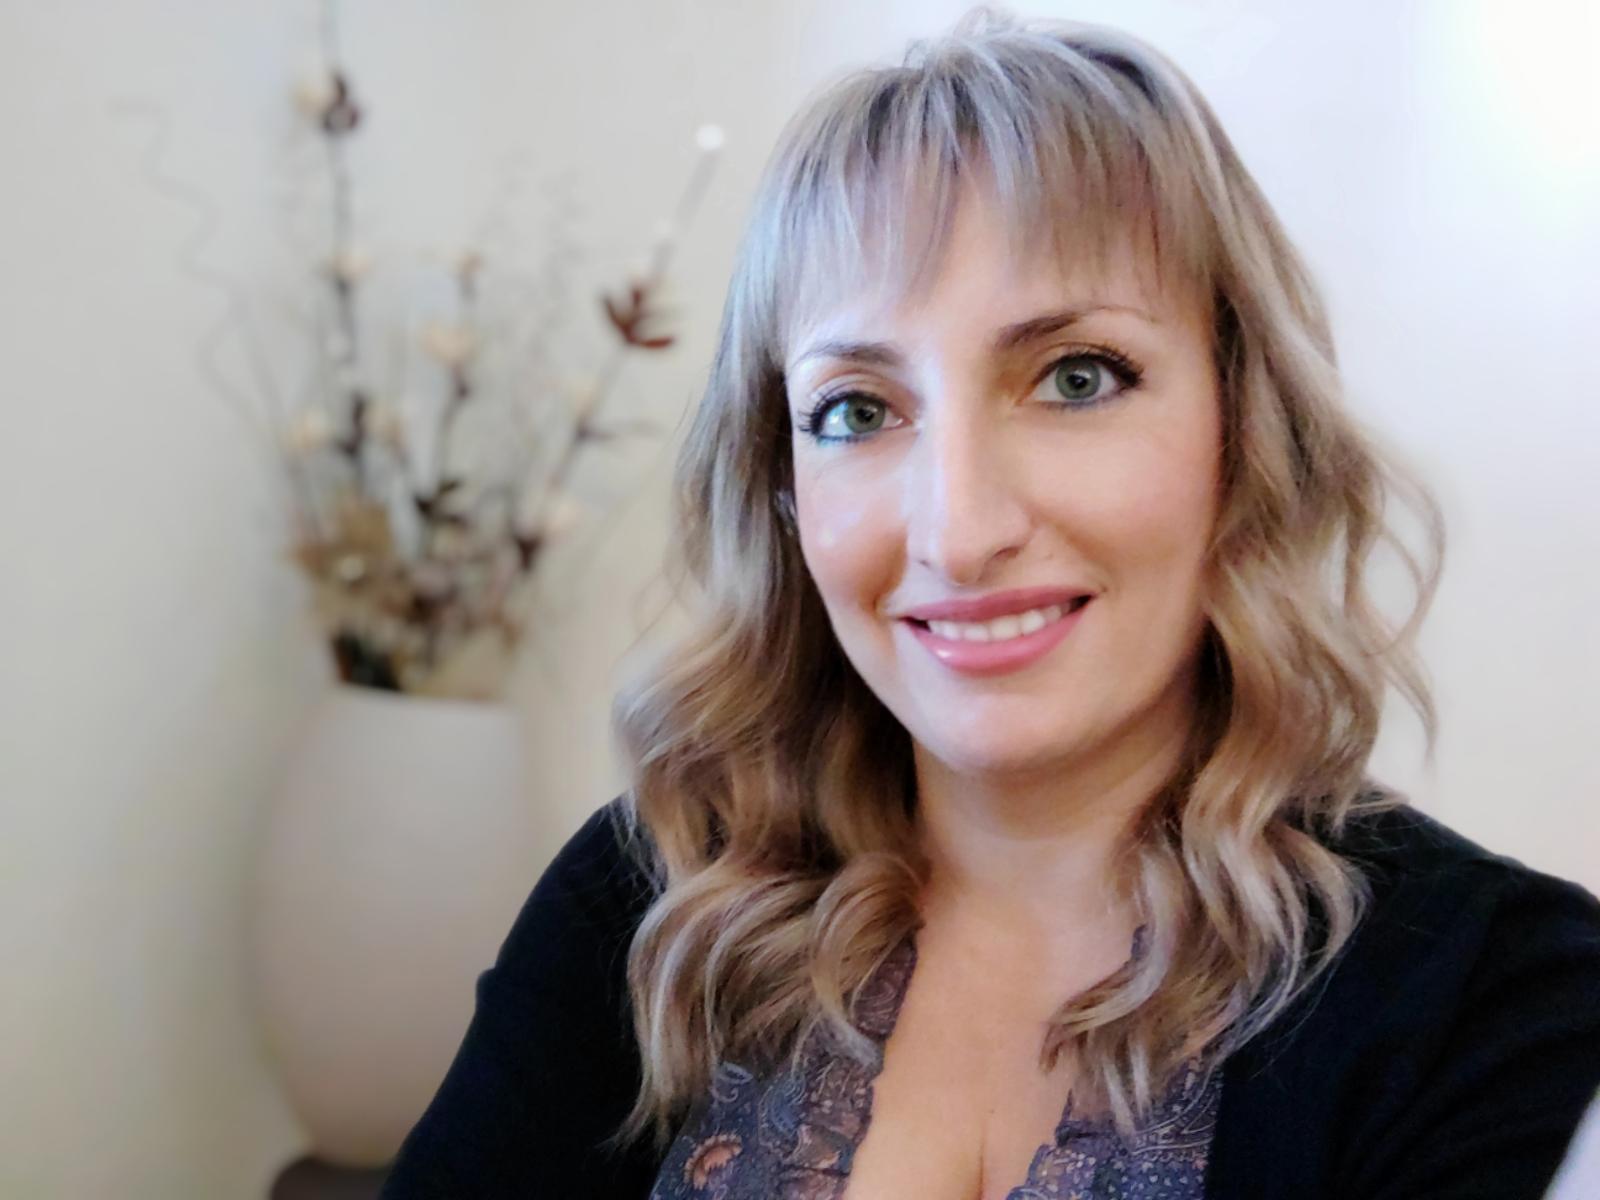 Alessandra Ruggirello